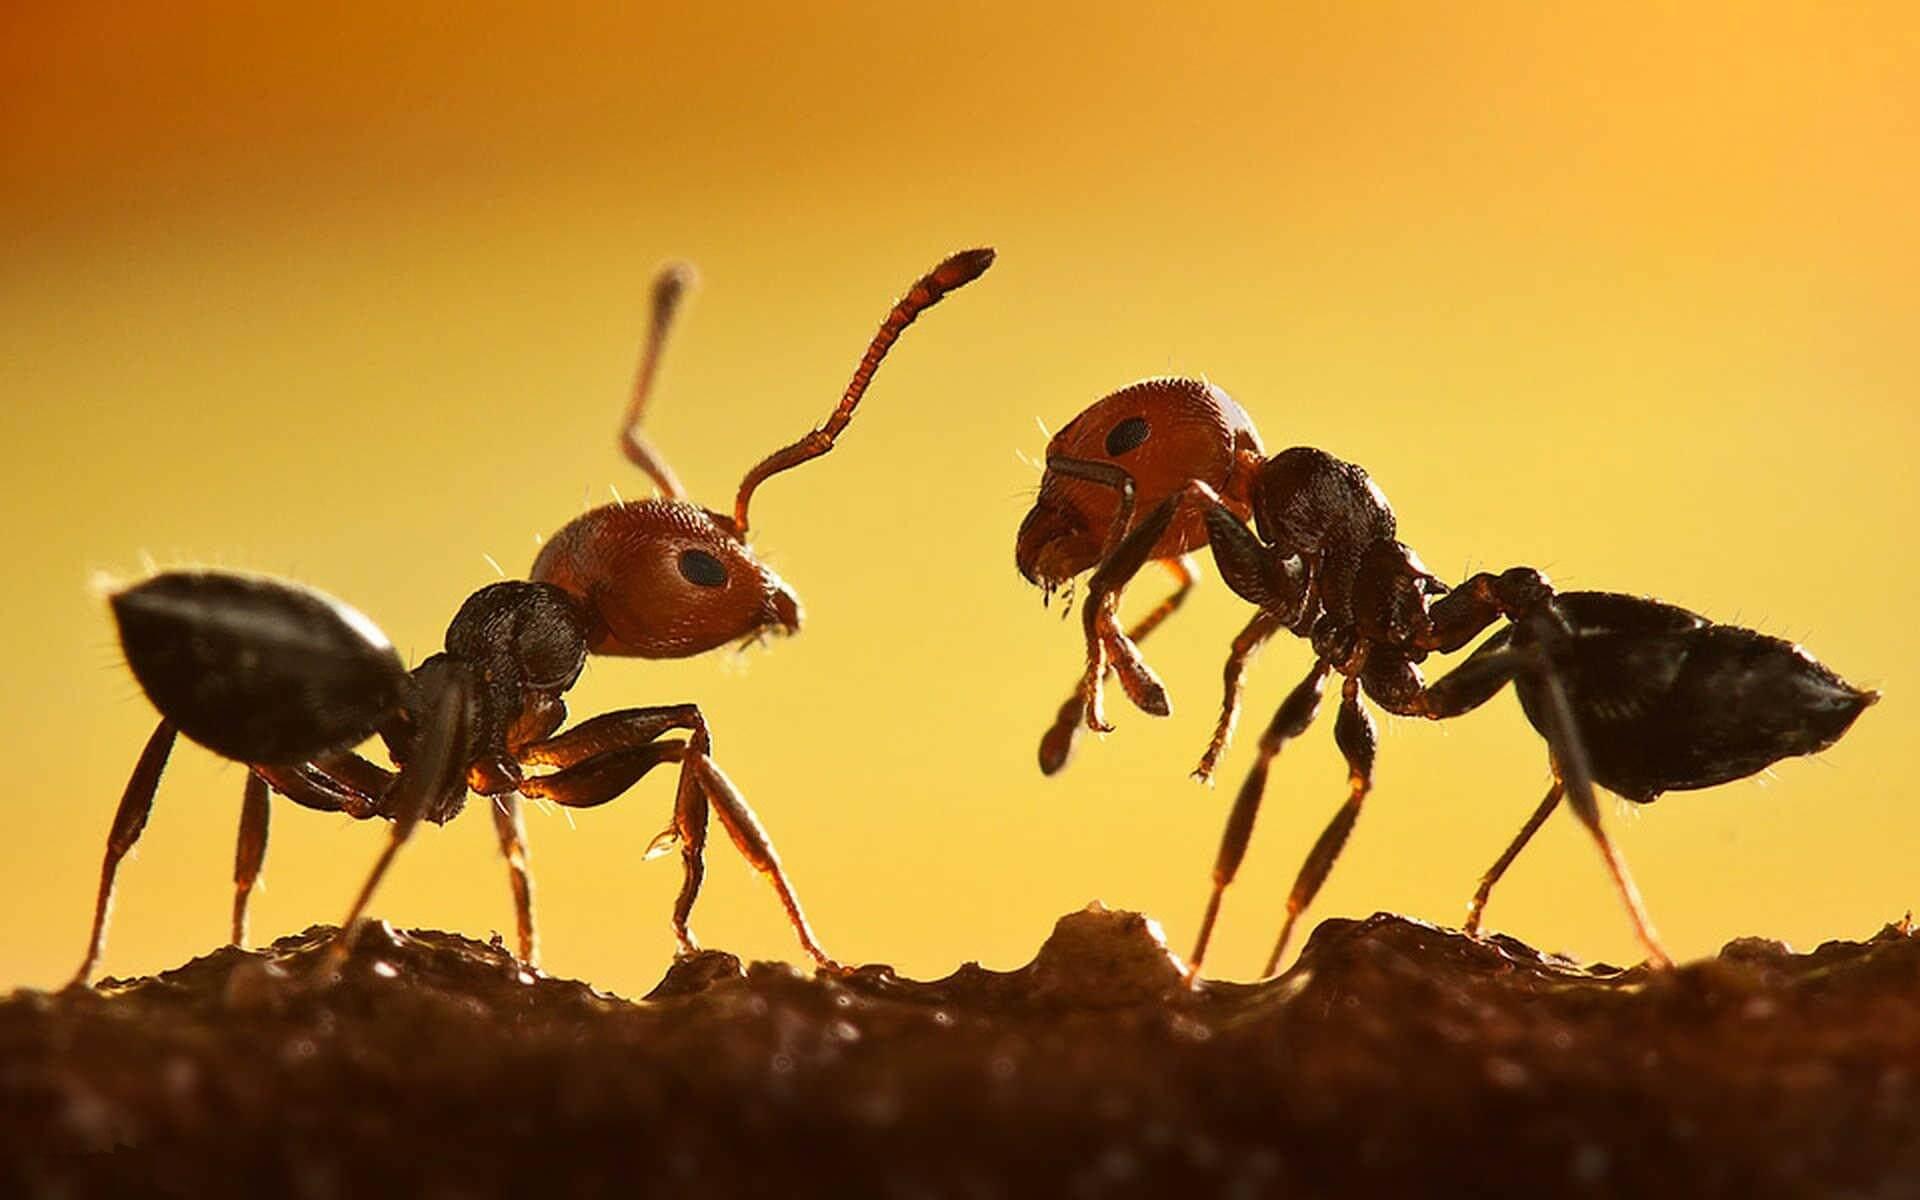 انشا دوم در مورد دیدن مورچه ای که باری را می کشد